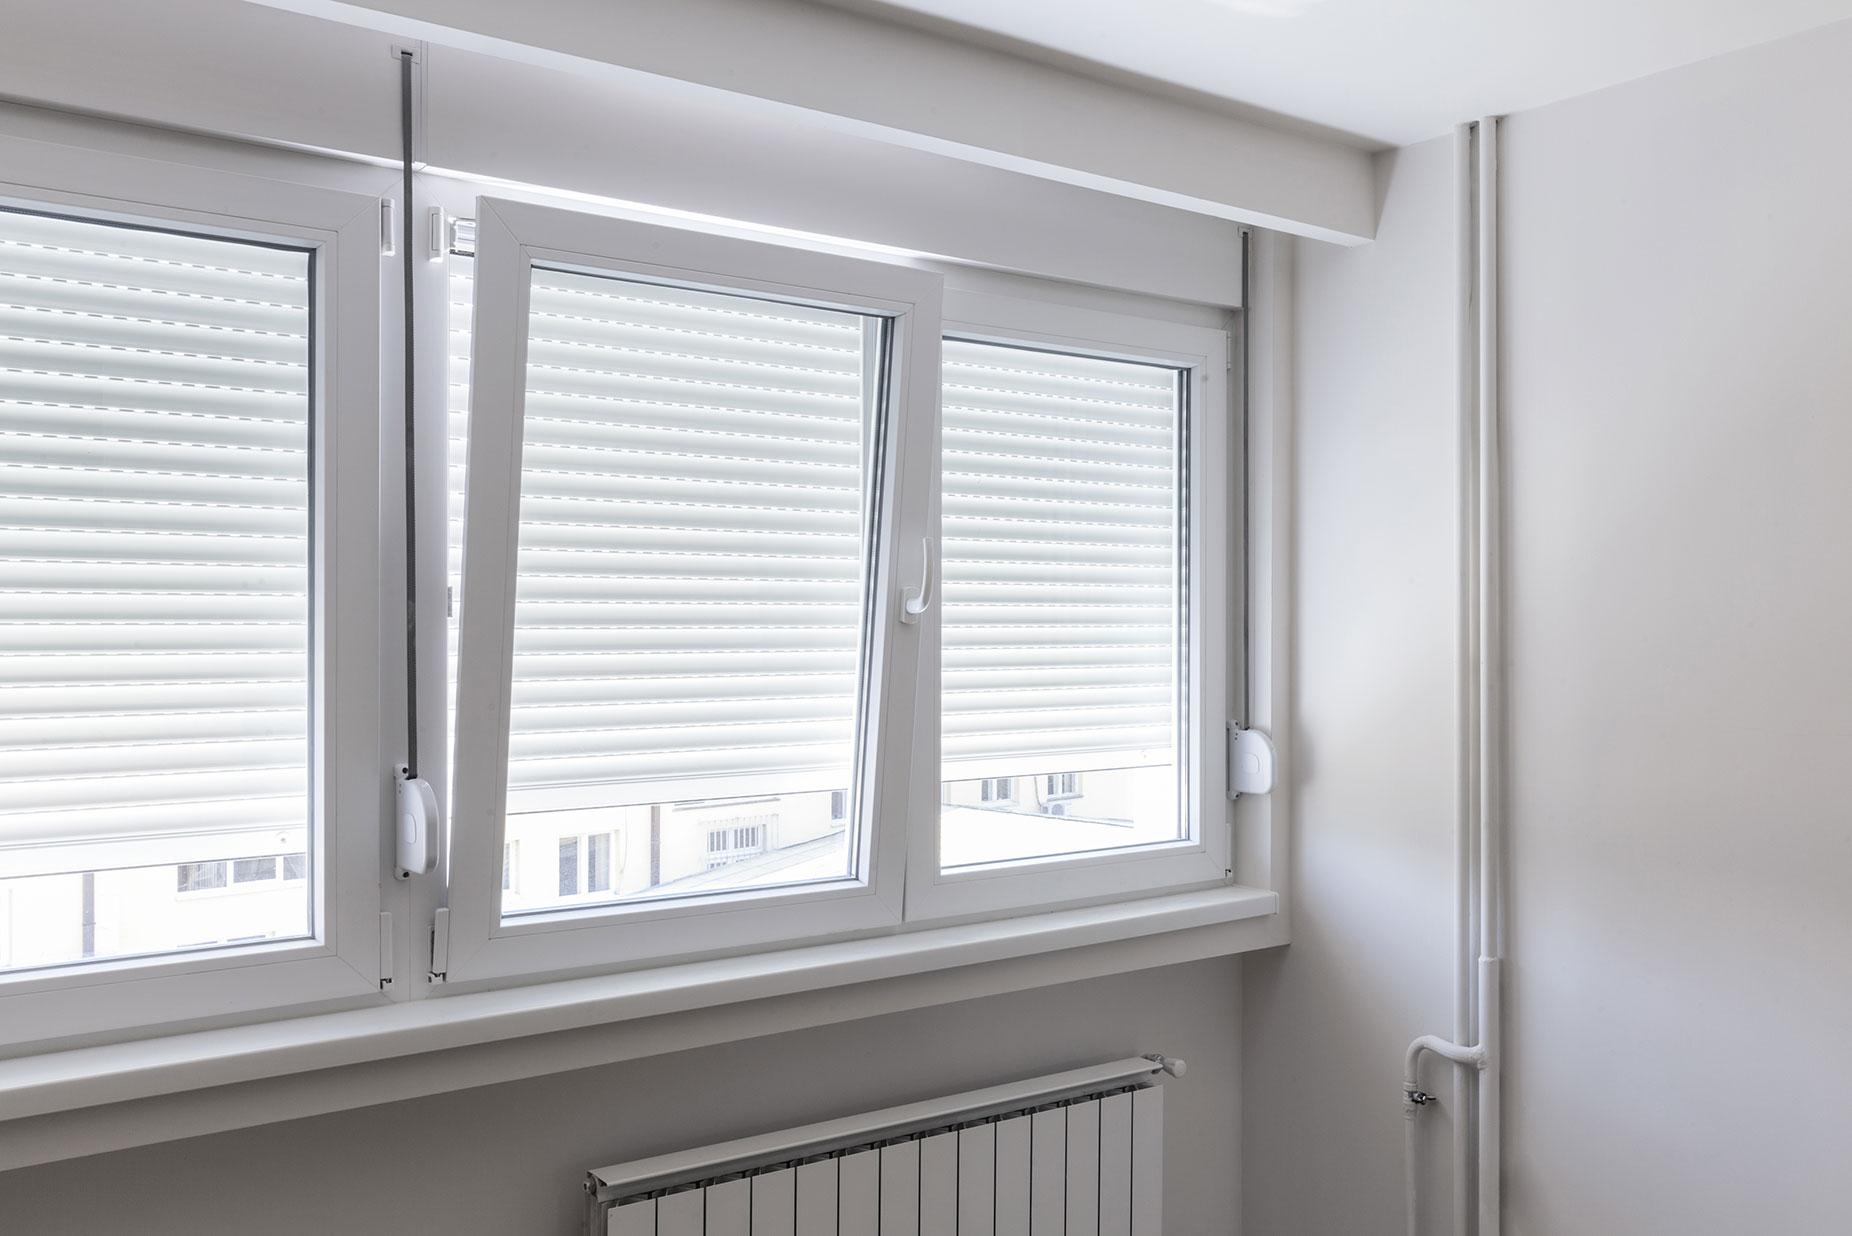 Bei einer längeren Fensterfront bieten sich mehrere Fenster mit Dreh-Kipp-Funktion und dazwischenliegenden Pfosten an.